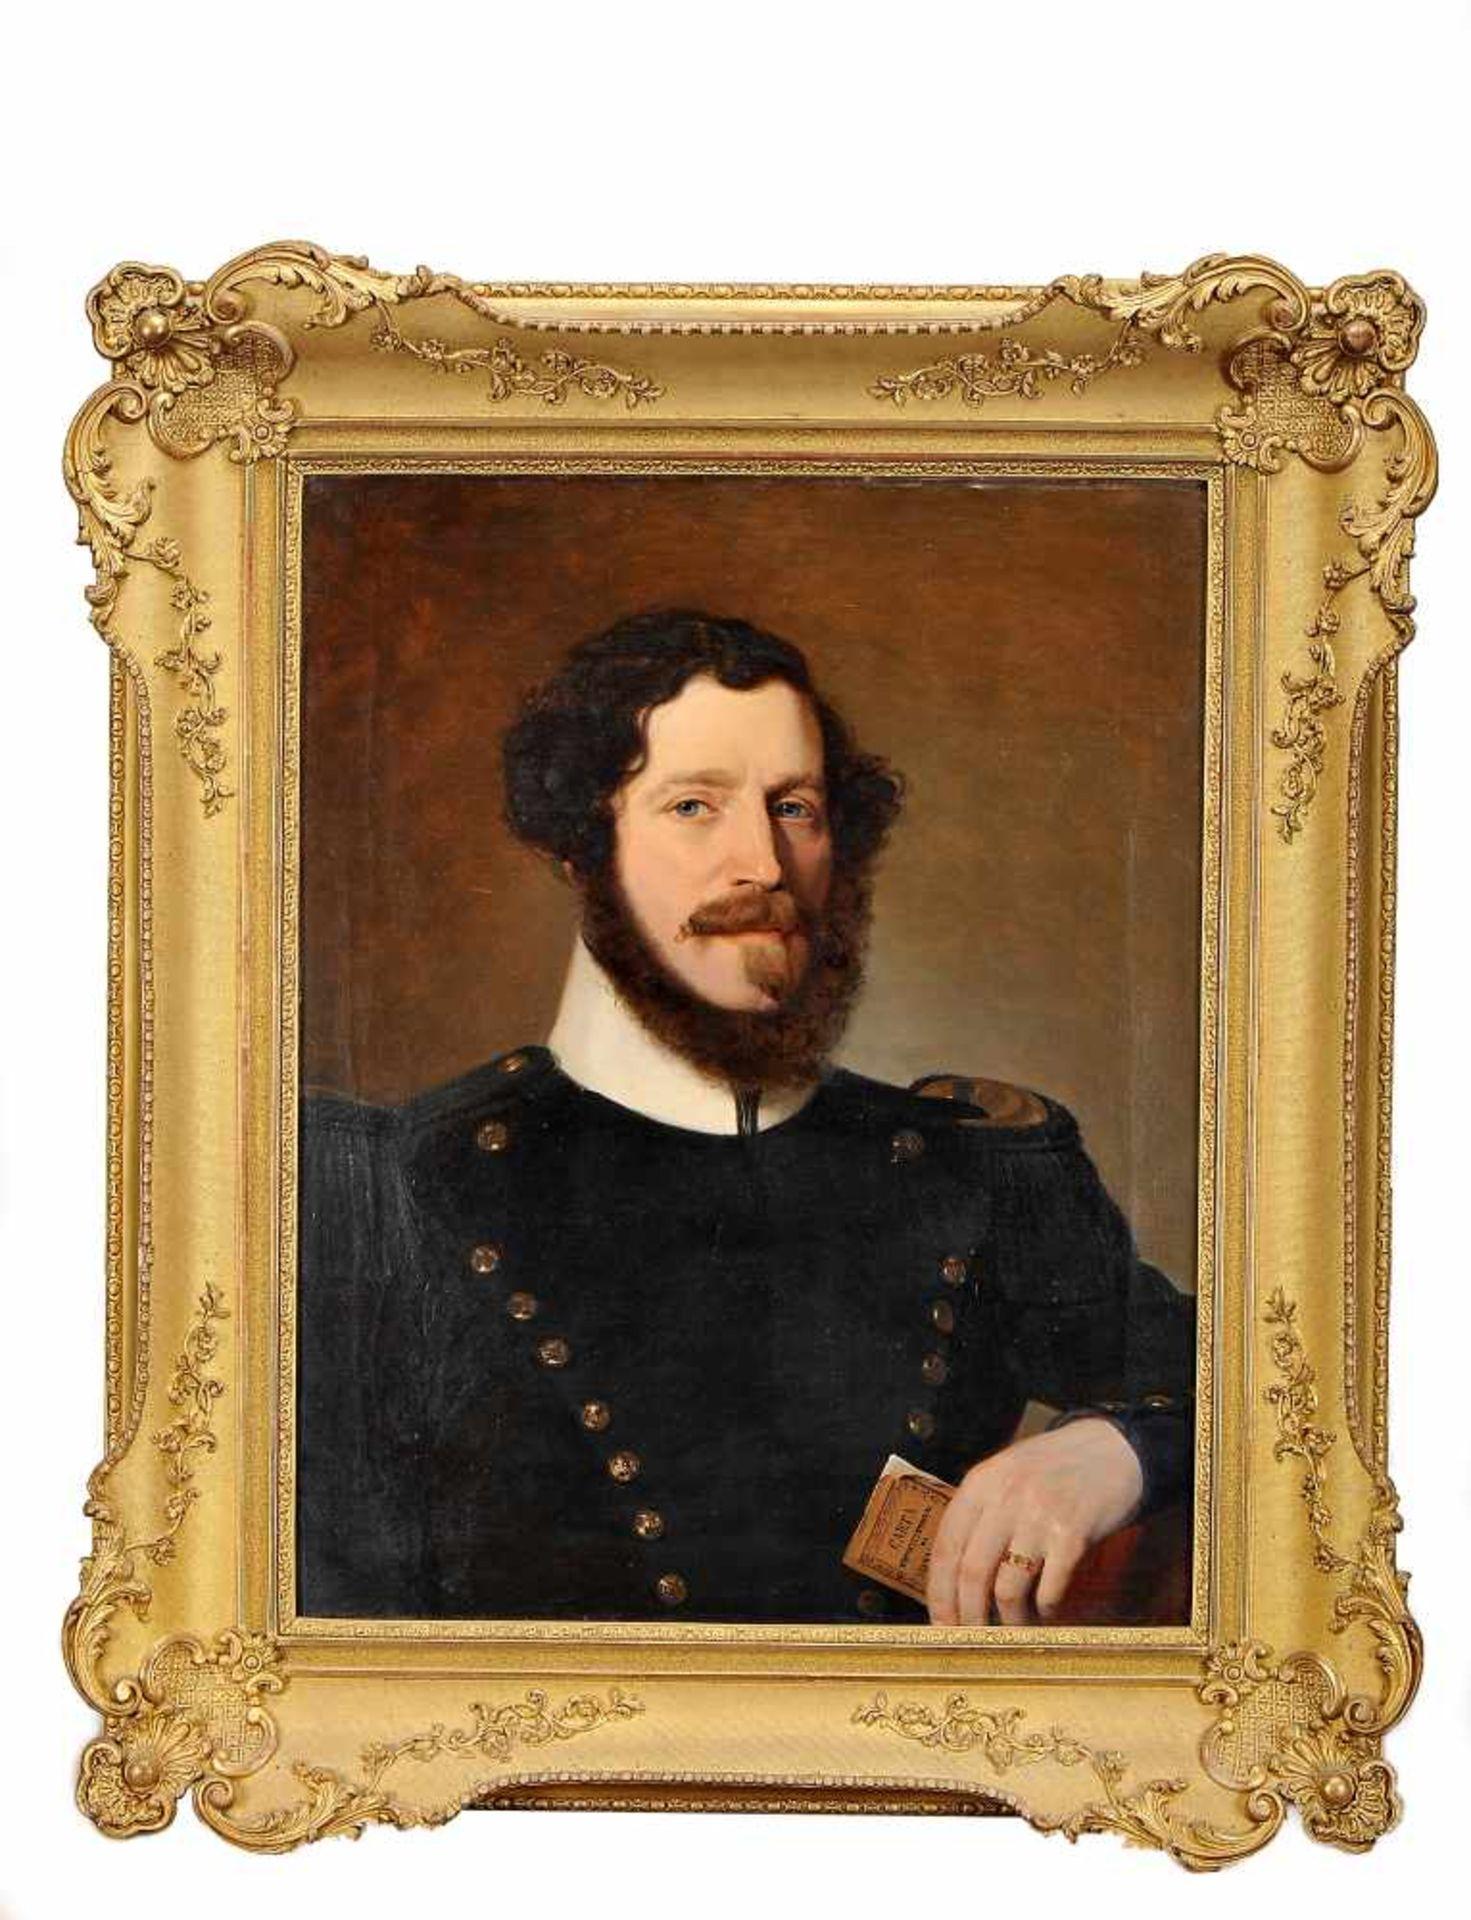 Los 81 - Portrait of Gentleman in Uniform holding The Constitutional CharterPortrait of Gentleman in...